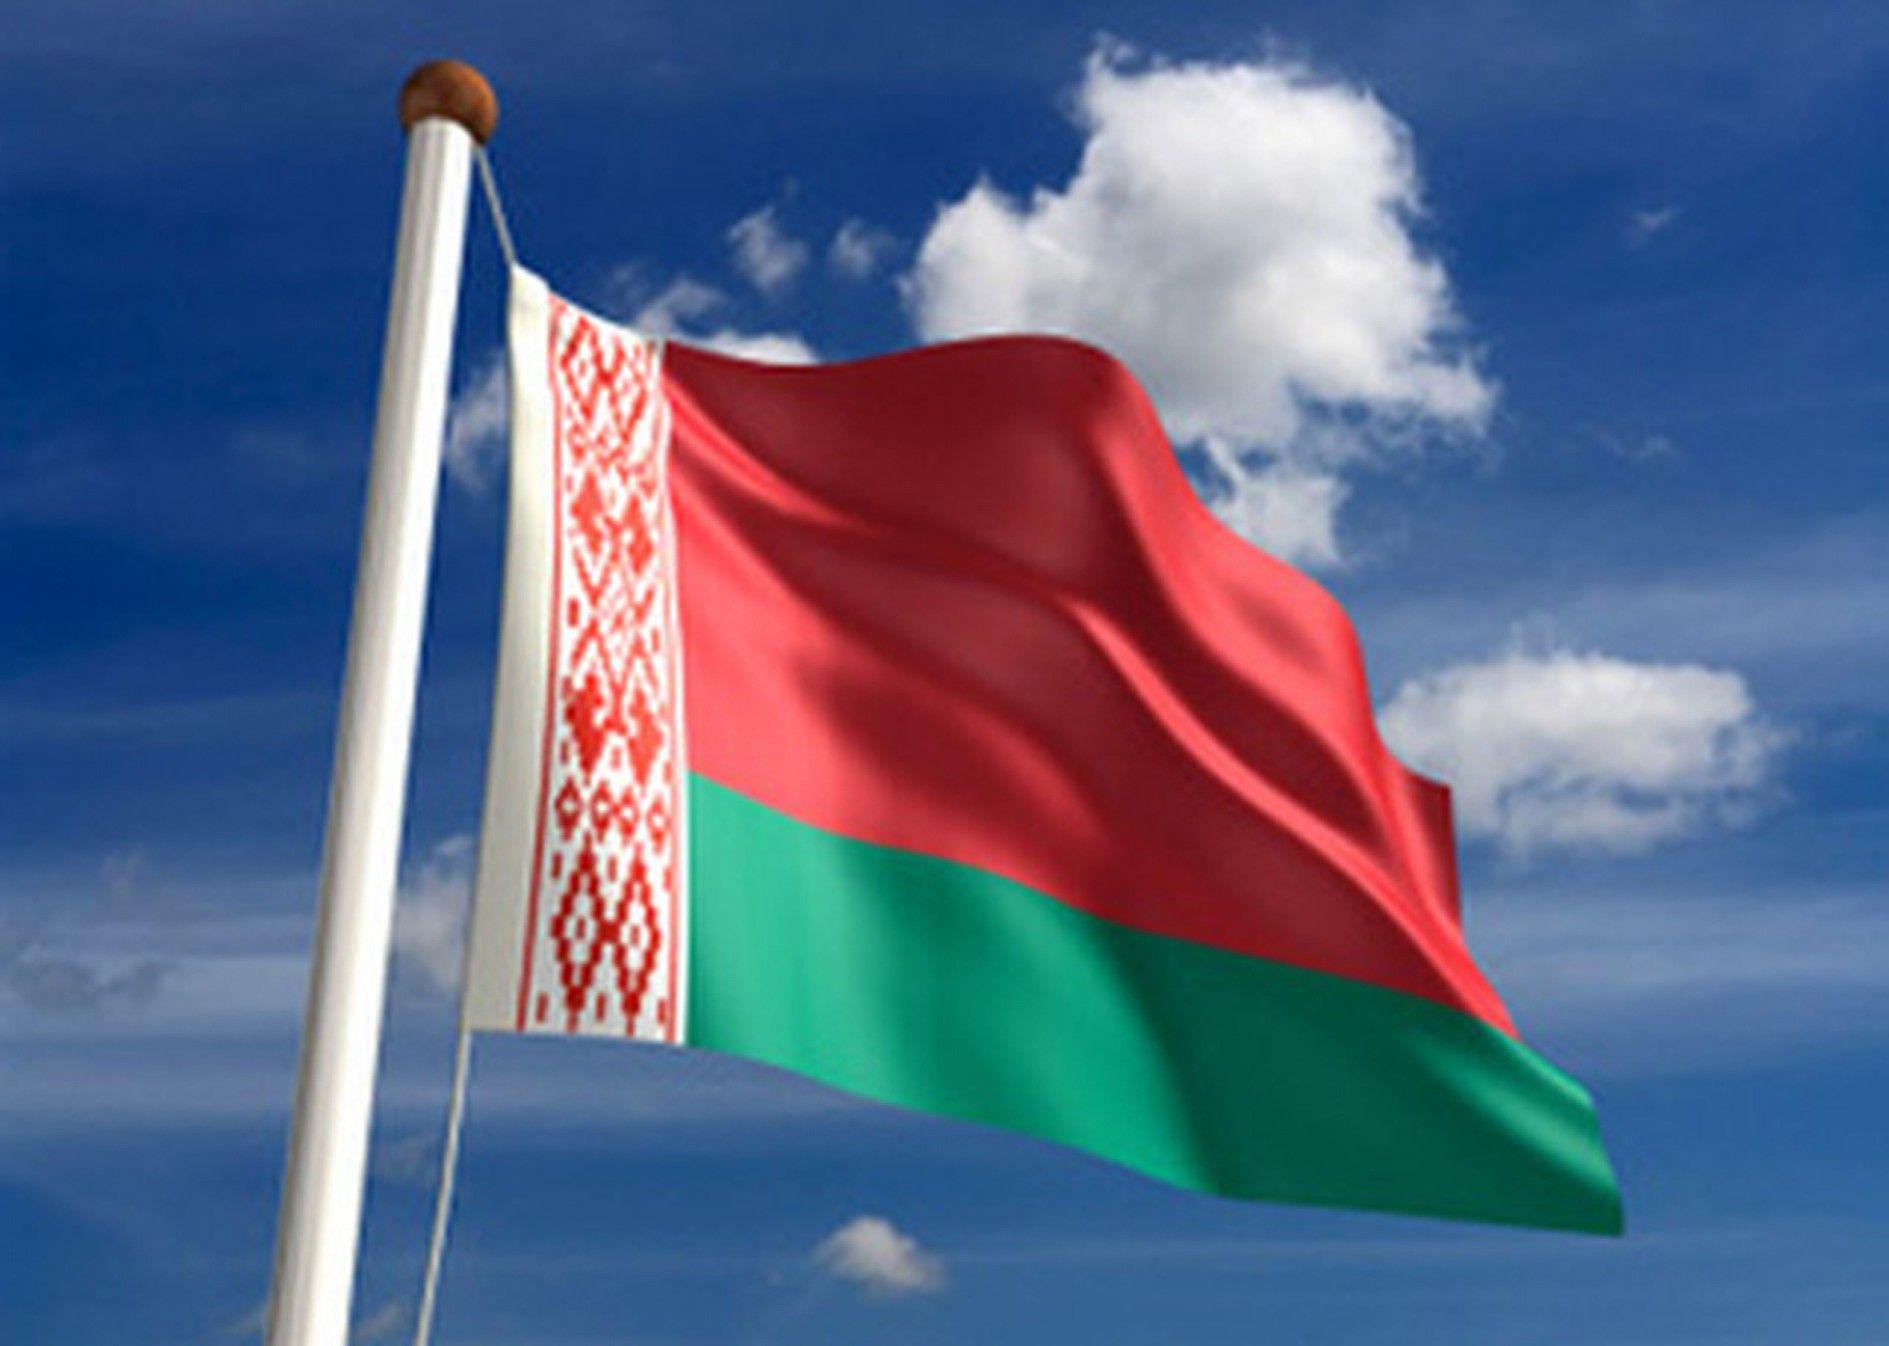 В Беларуси мужчина получил второй пожизненный срок / yarnovosti.com